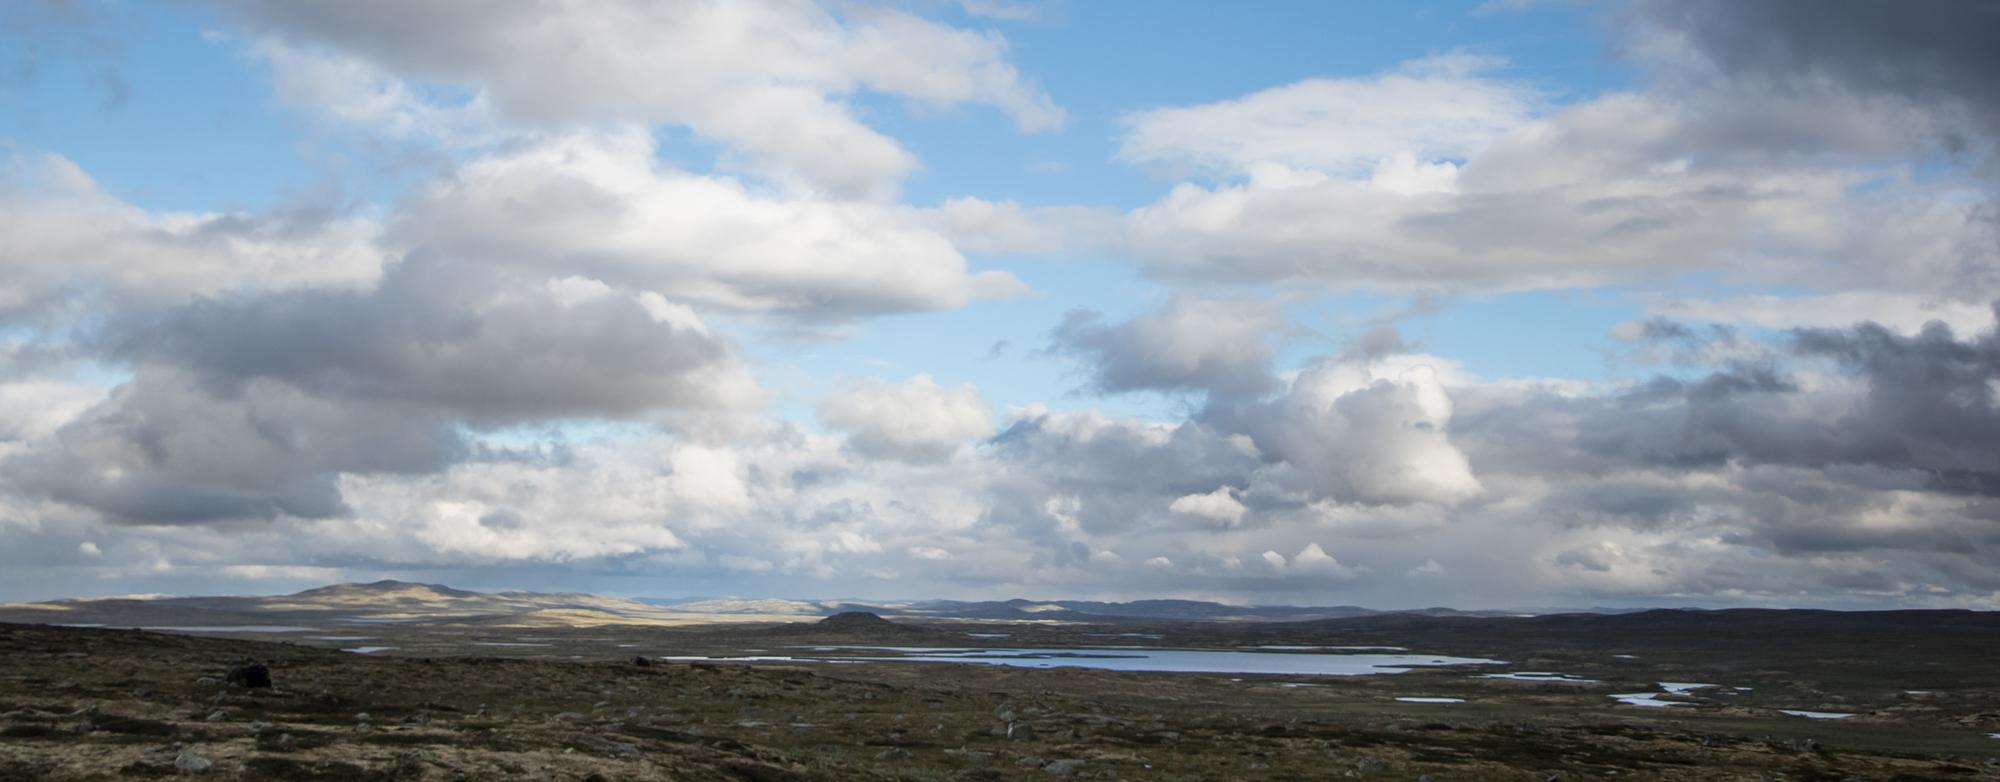 Høyringsdokumenta for rullering av regional plan for vidda er klare. Illustrasjonsfoto: Kjell Bitustøyl